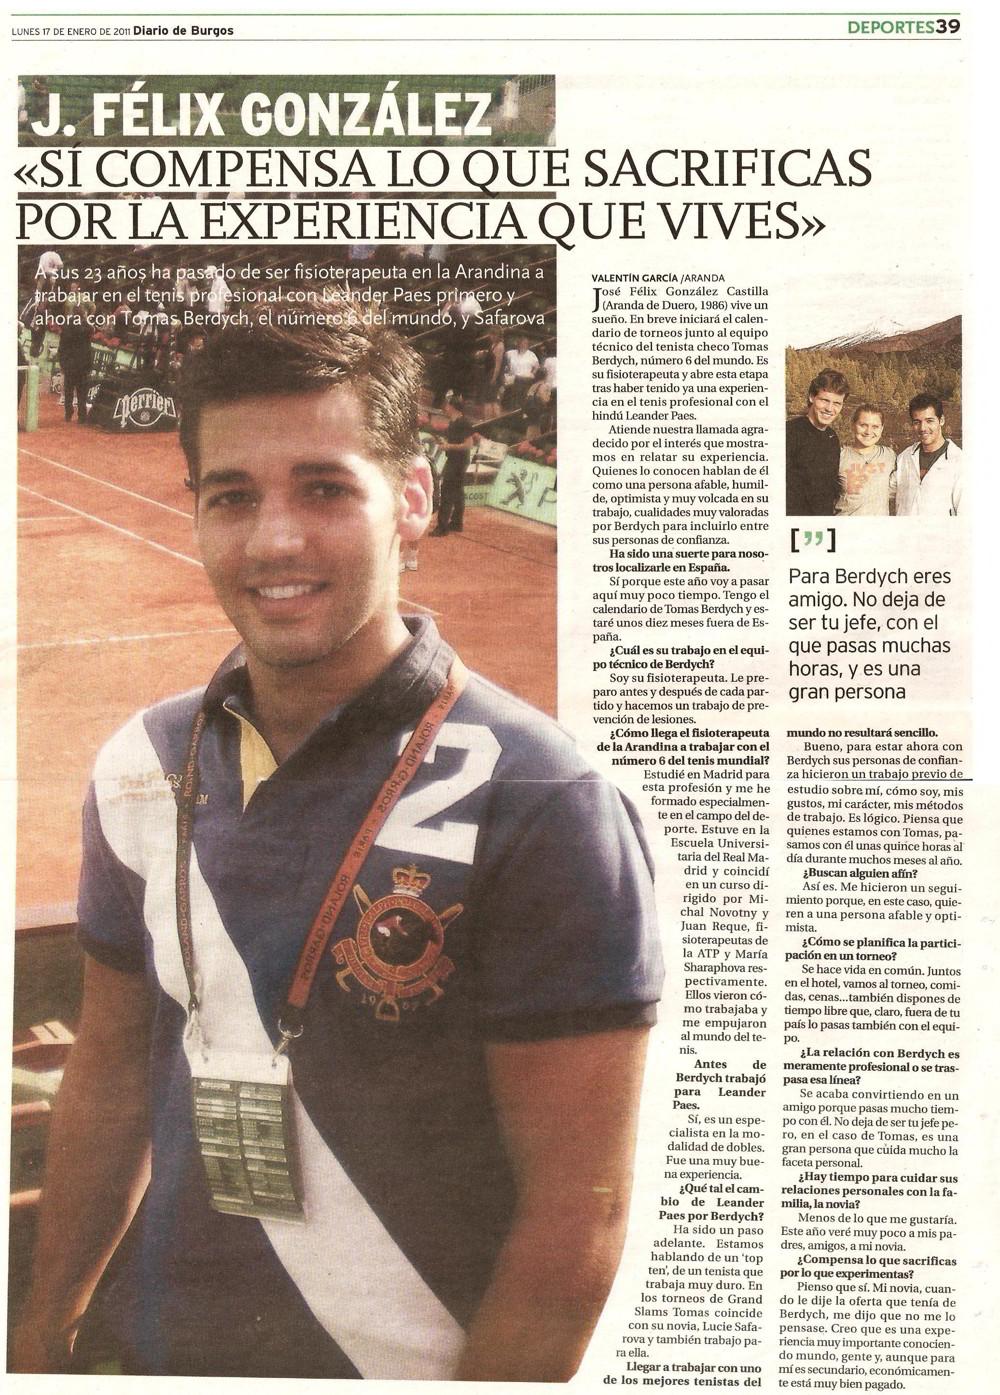 Diario de Burgos - 17 Enero 2011